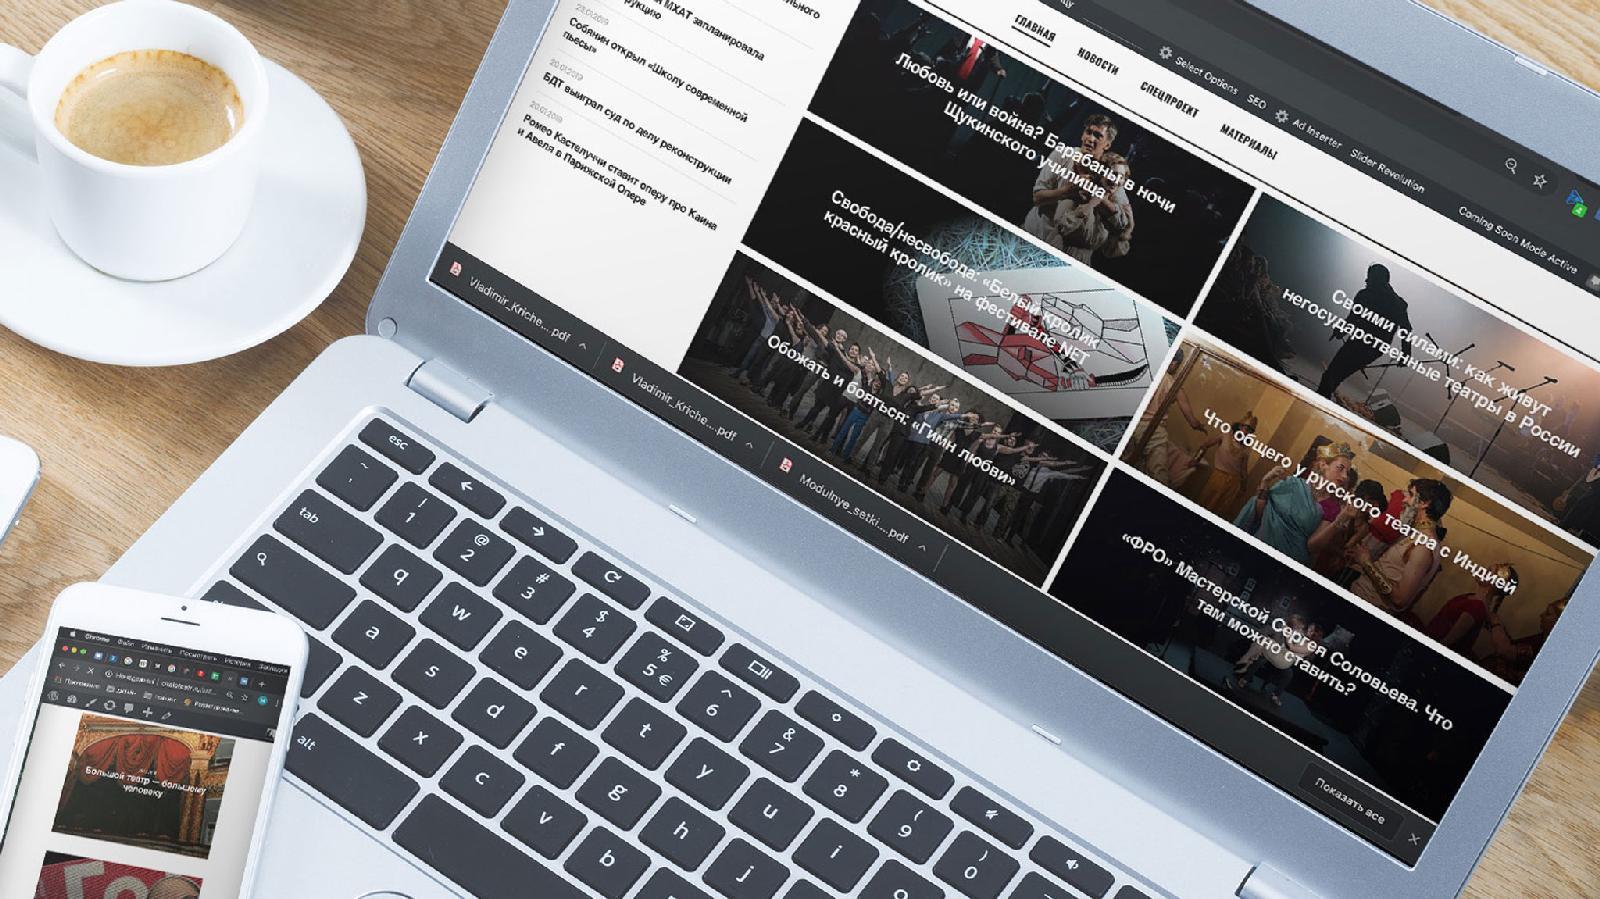 Мобильная ионлайн‑версии журнала «ОКОЛОТЕАТР» Анны Моляновой (курсы «Веб‑дизайн» А. В.Андреева и«Цифровая визуализация» Т. В.Макаровой)